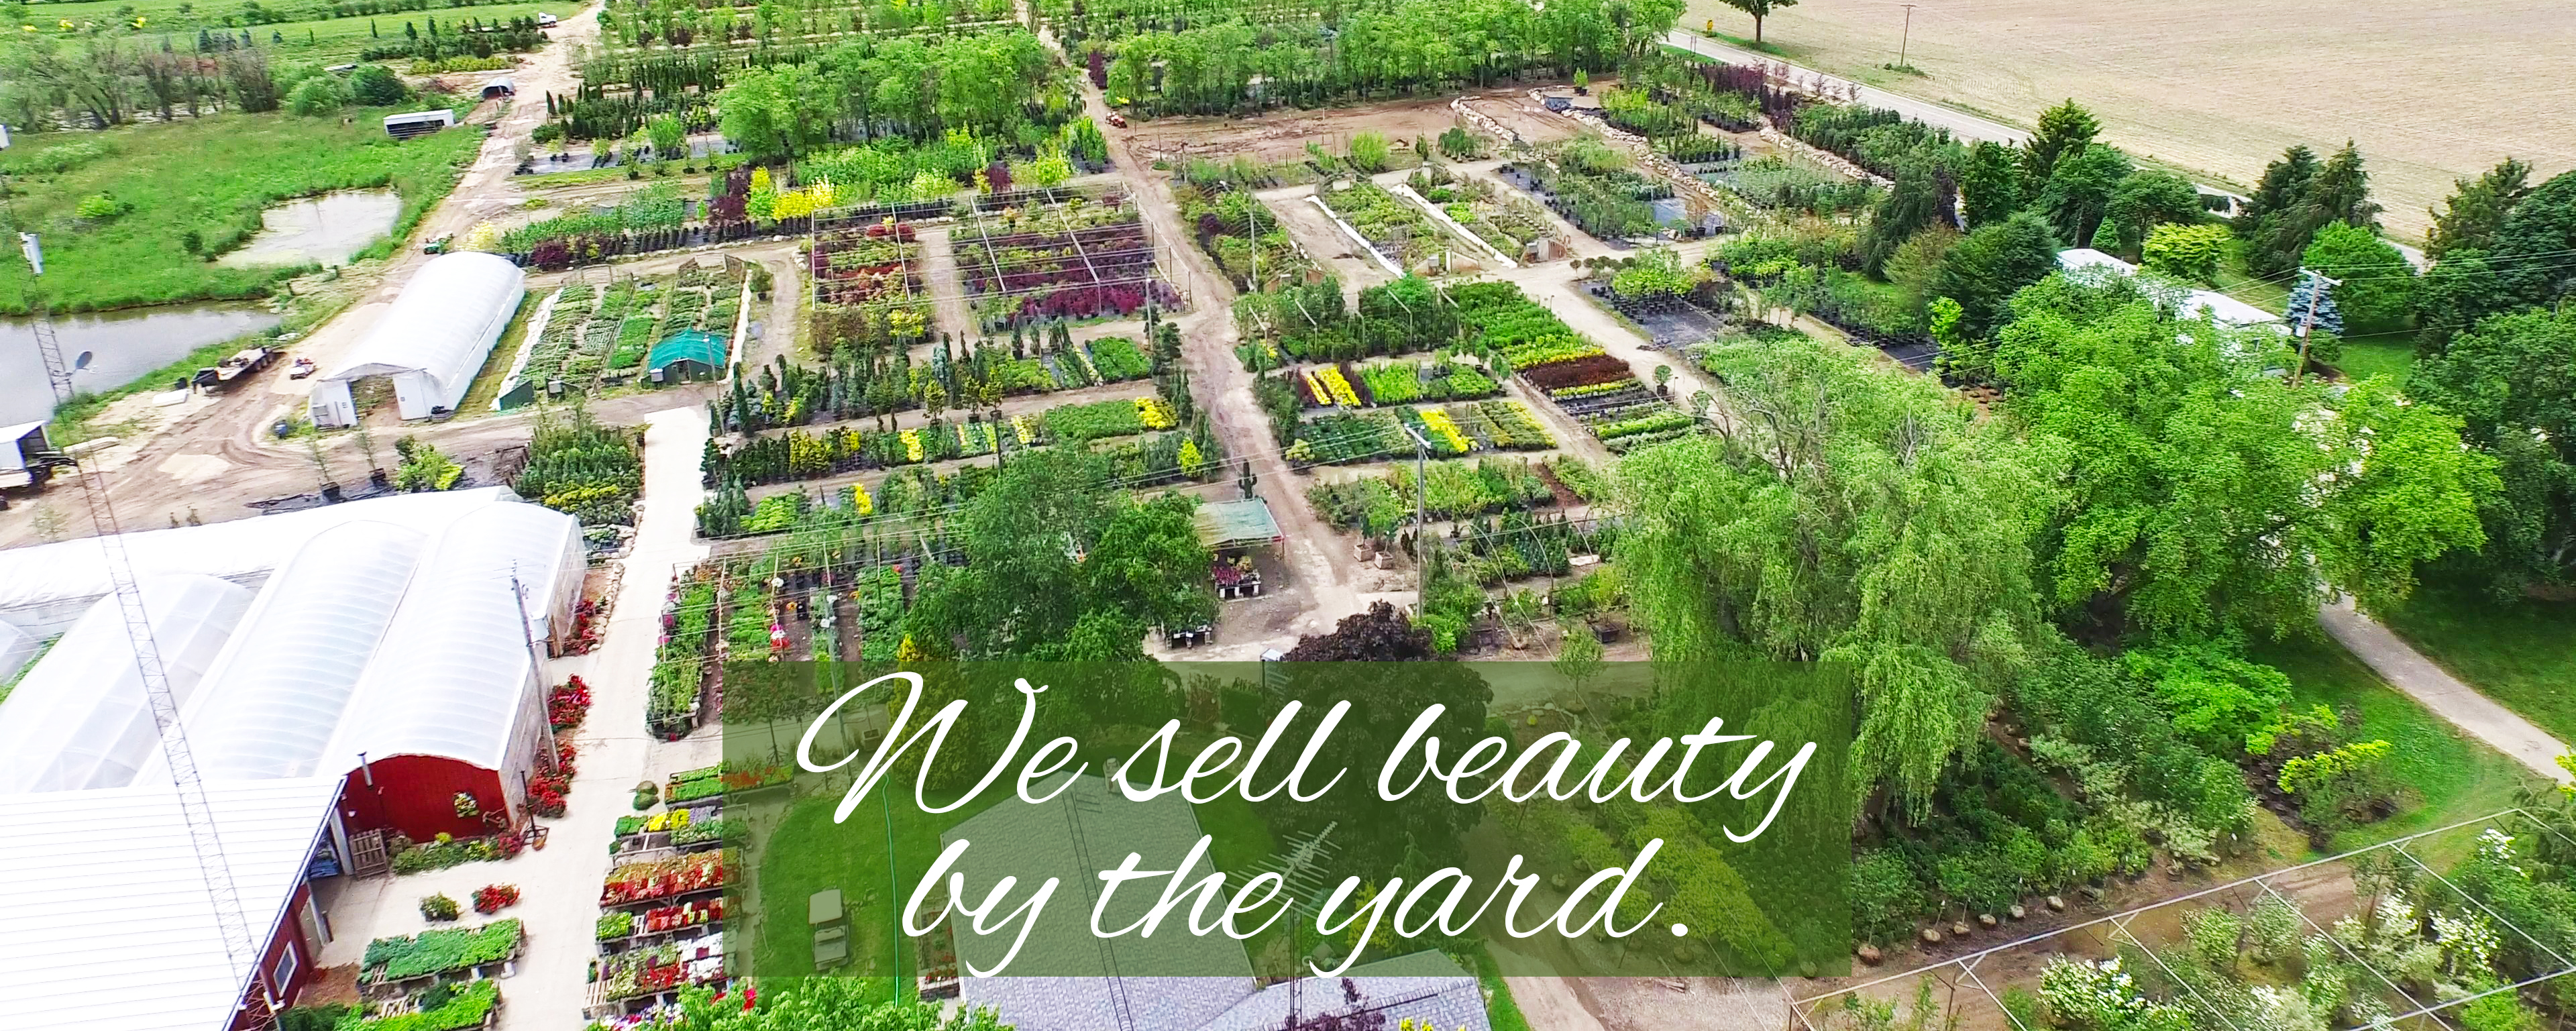 Garden Centre: Gee Farms Nursery And Garden Center